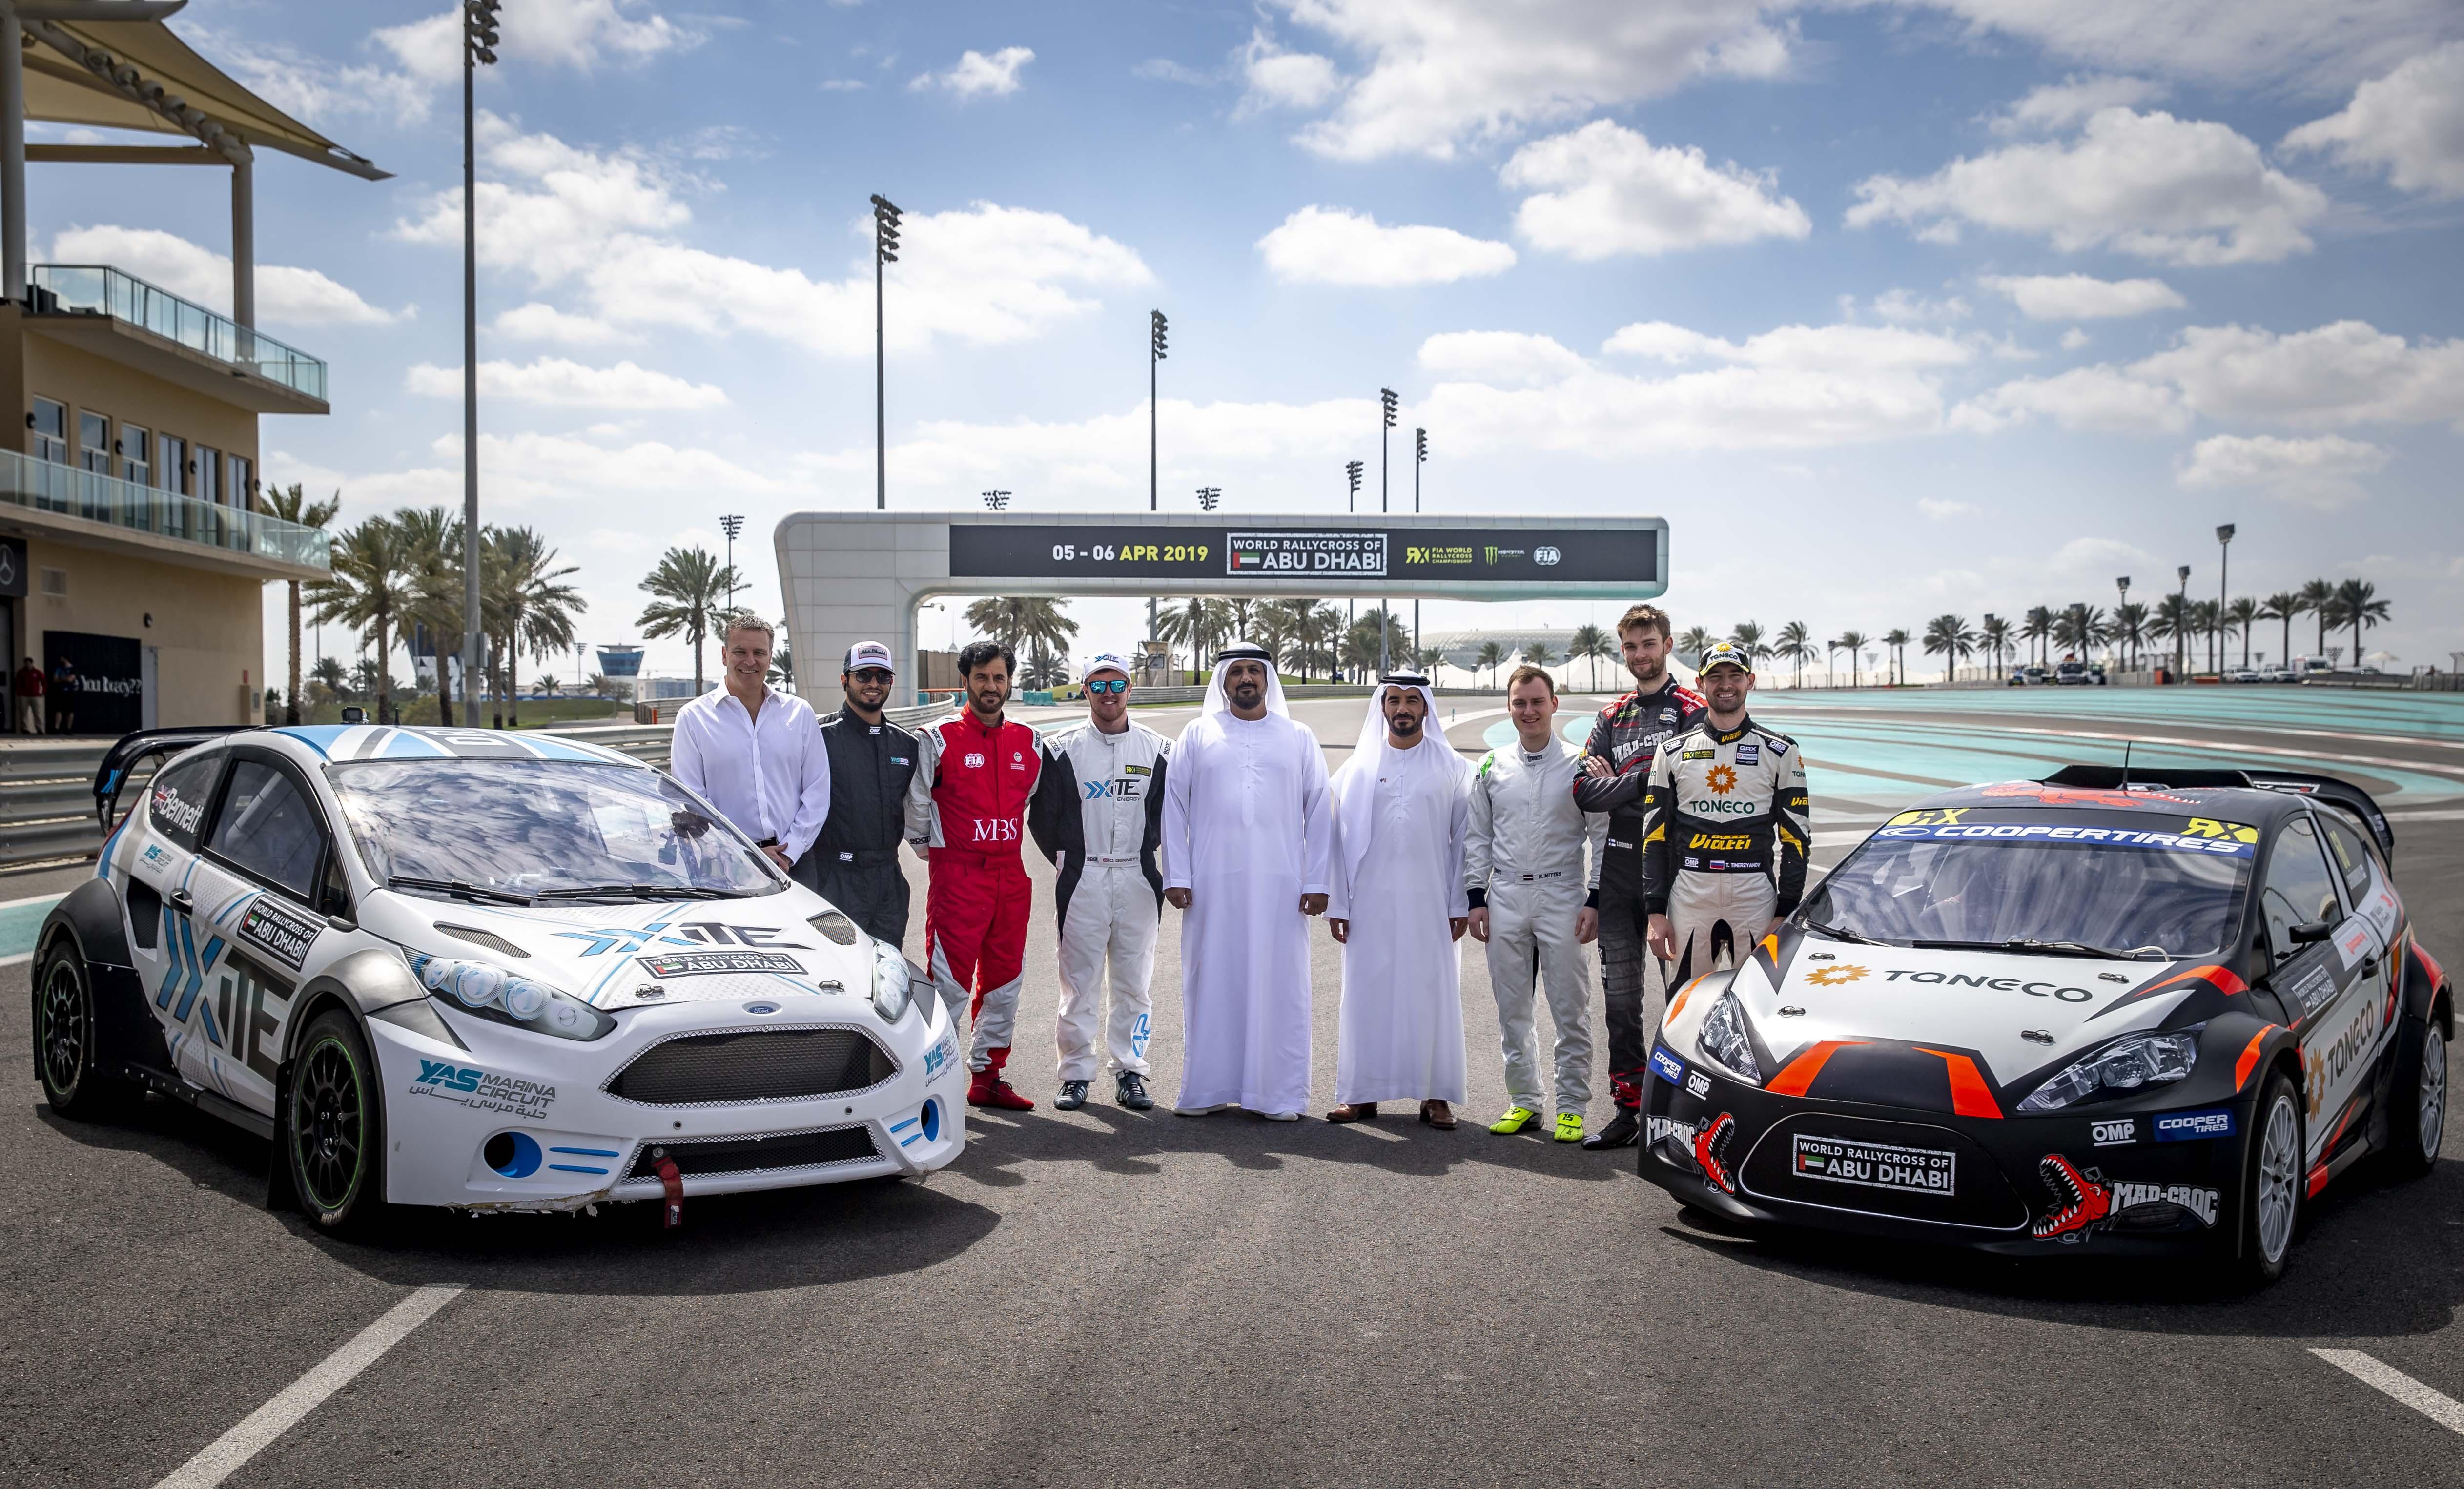 سباقبطولة الاتحاد الدولي للسيارات للرالي كروس